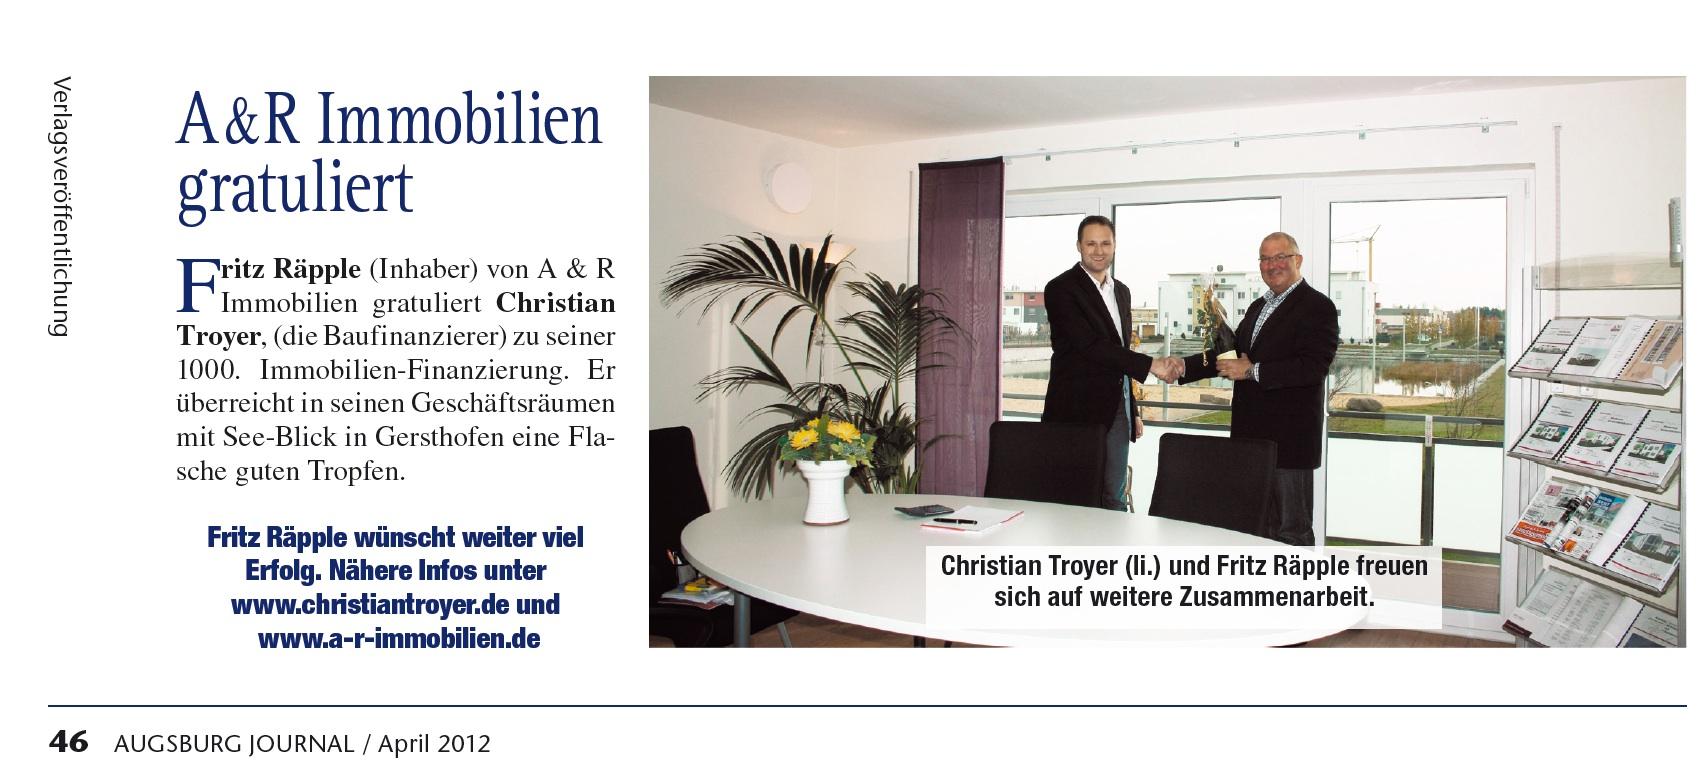 Zeitungsbericht: A & R Immobilien gratuliert